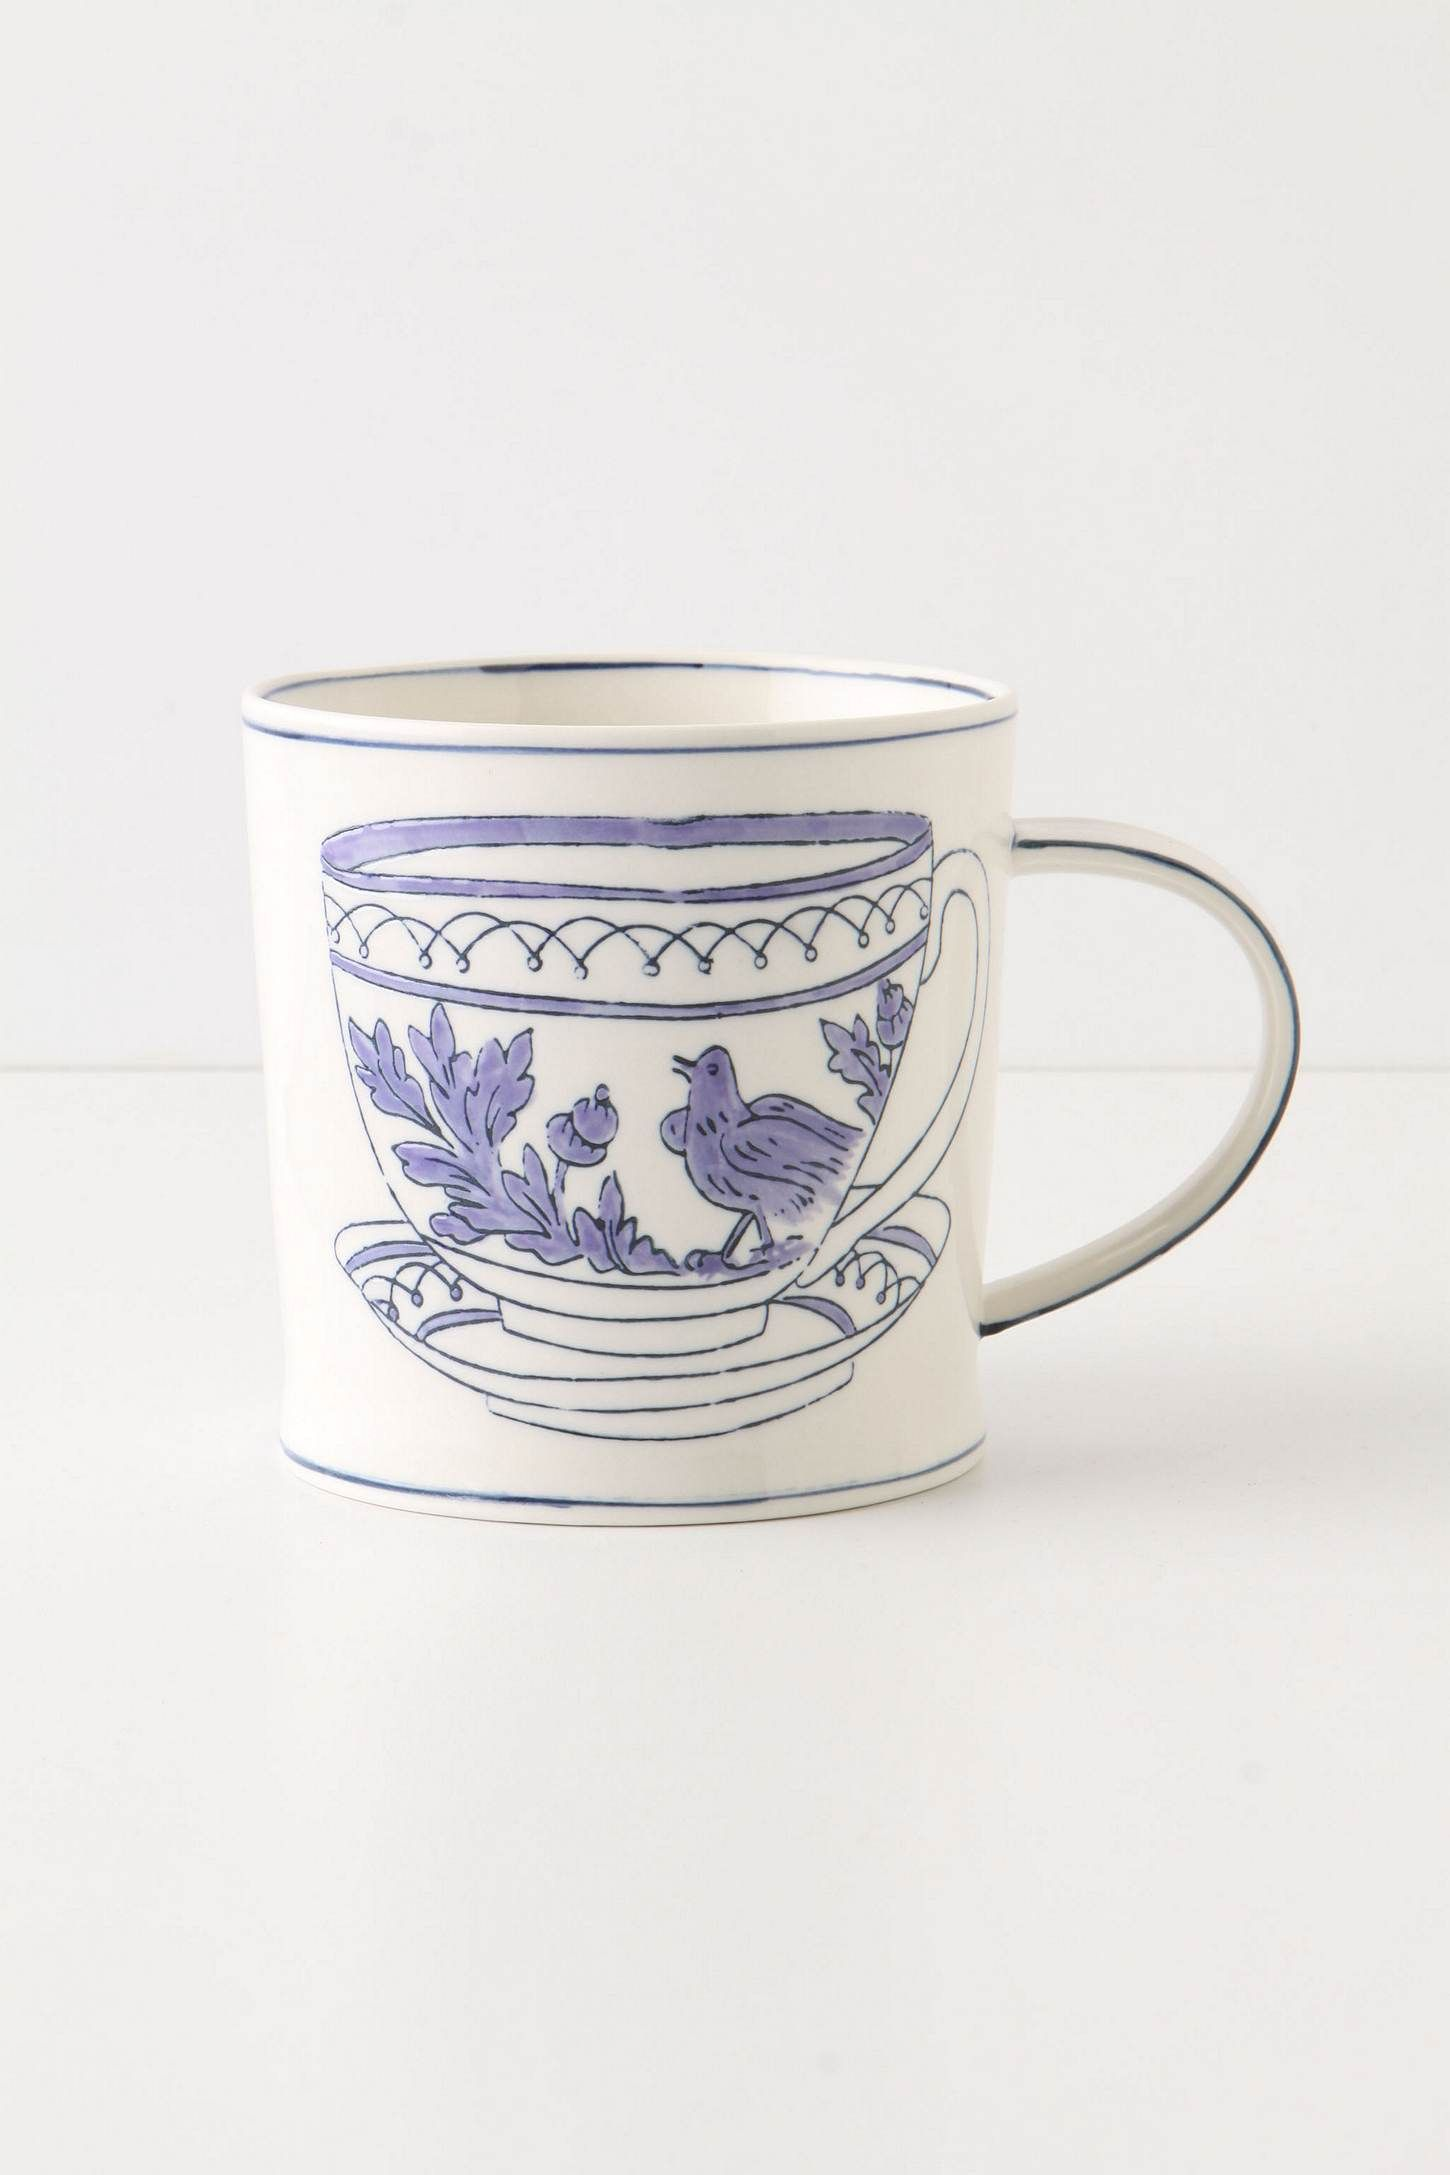 teacup teacup. <3